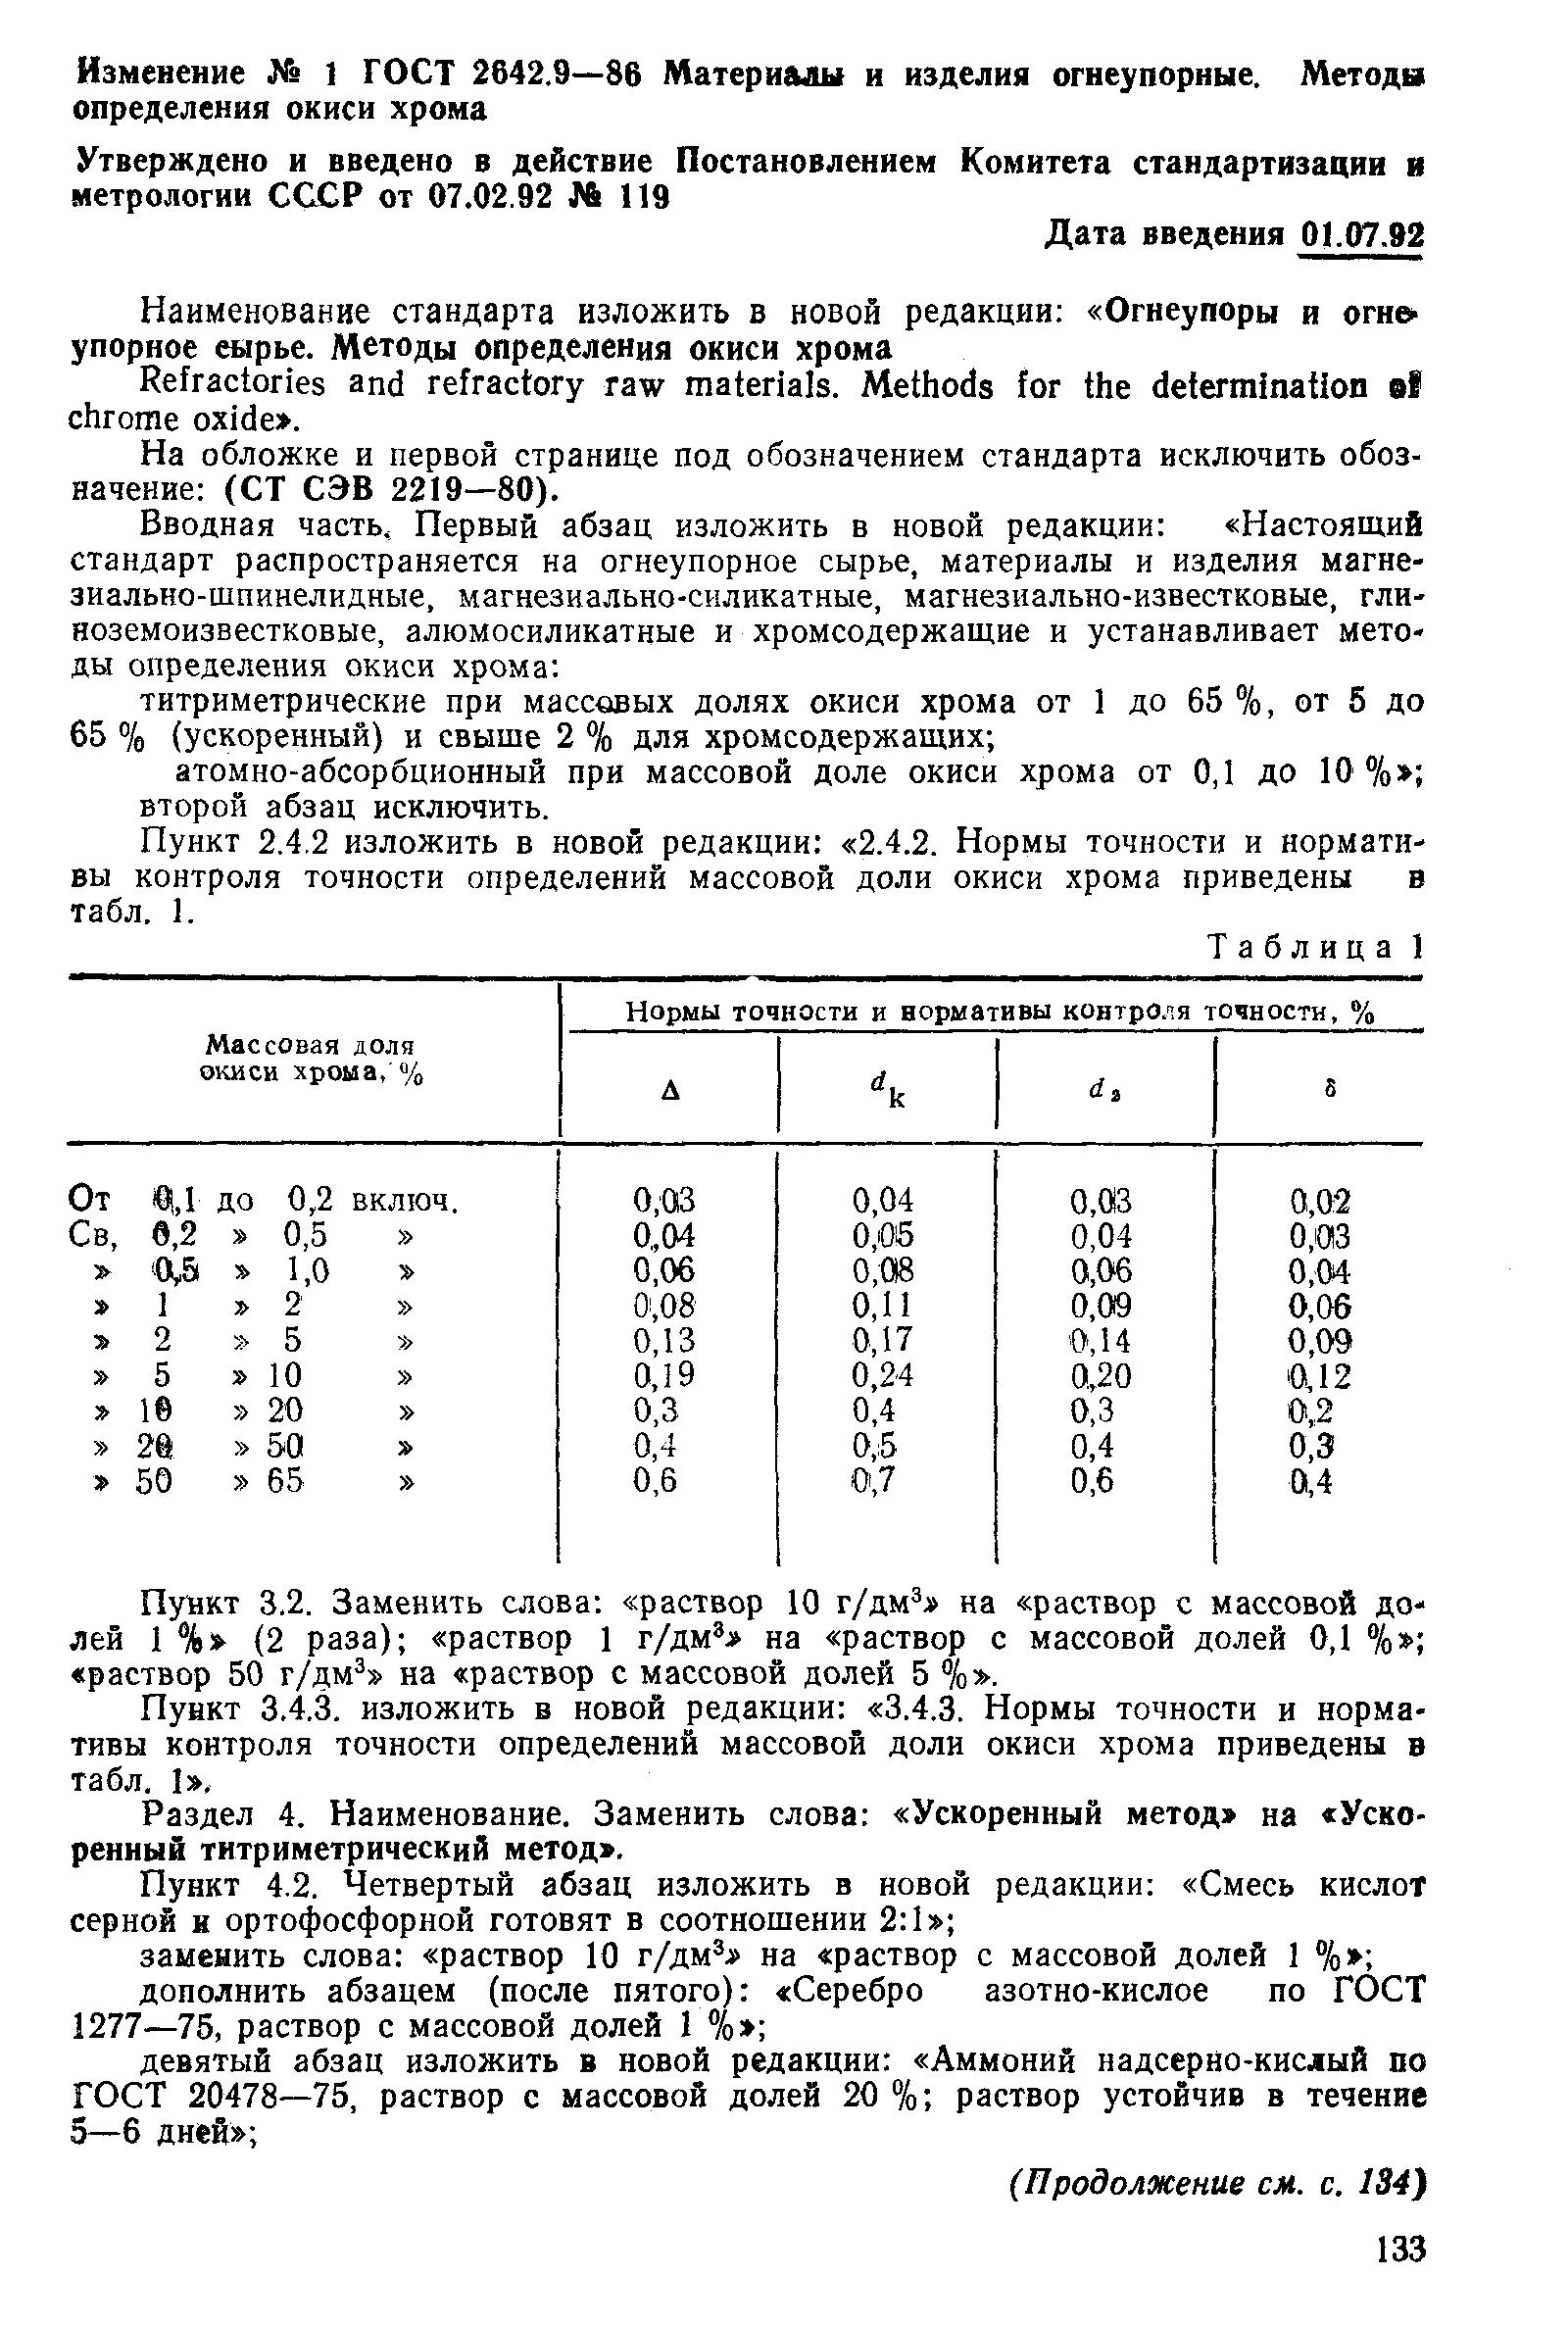 ГОСТ 2642.9-86. Страница 10